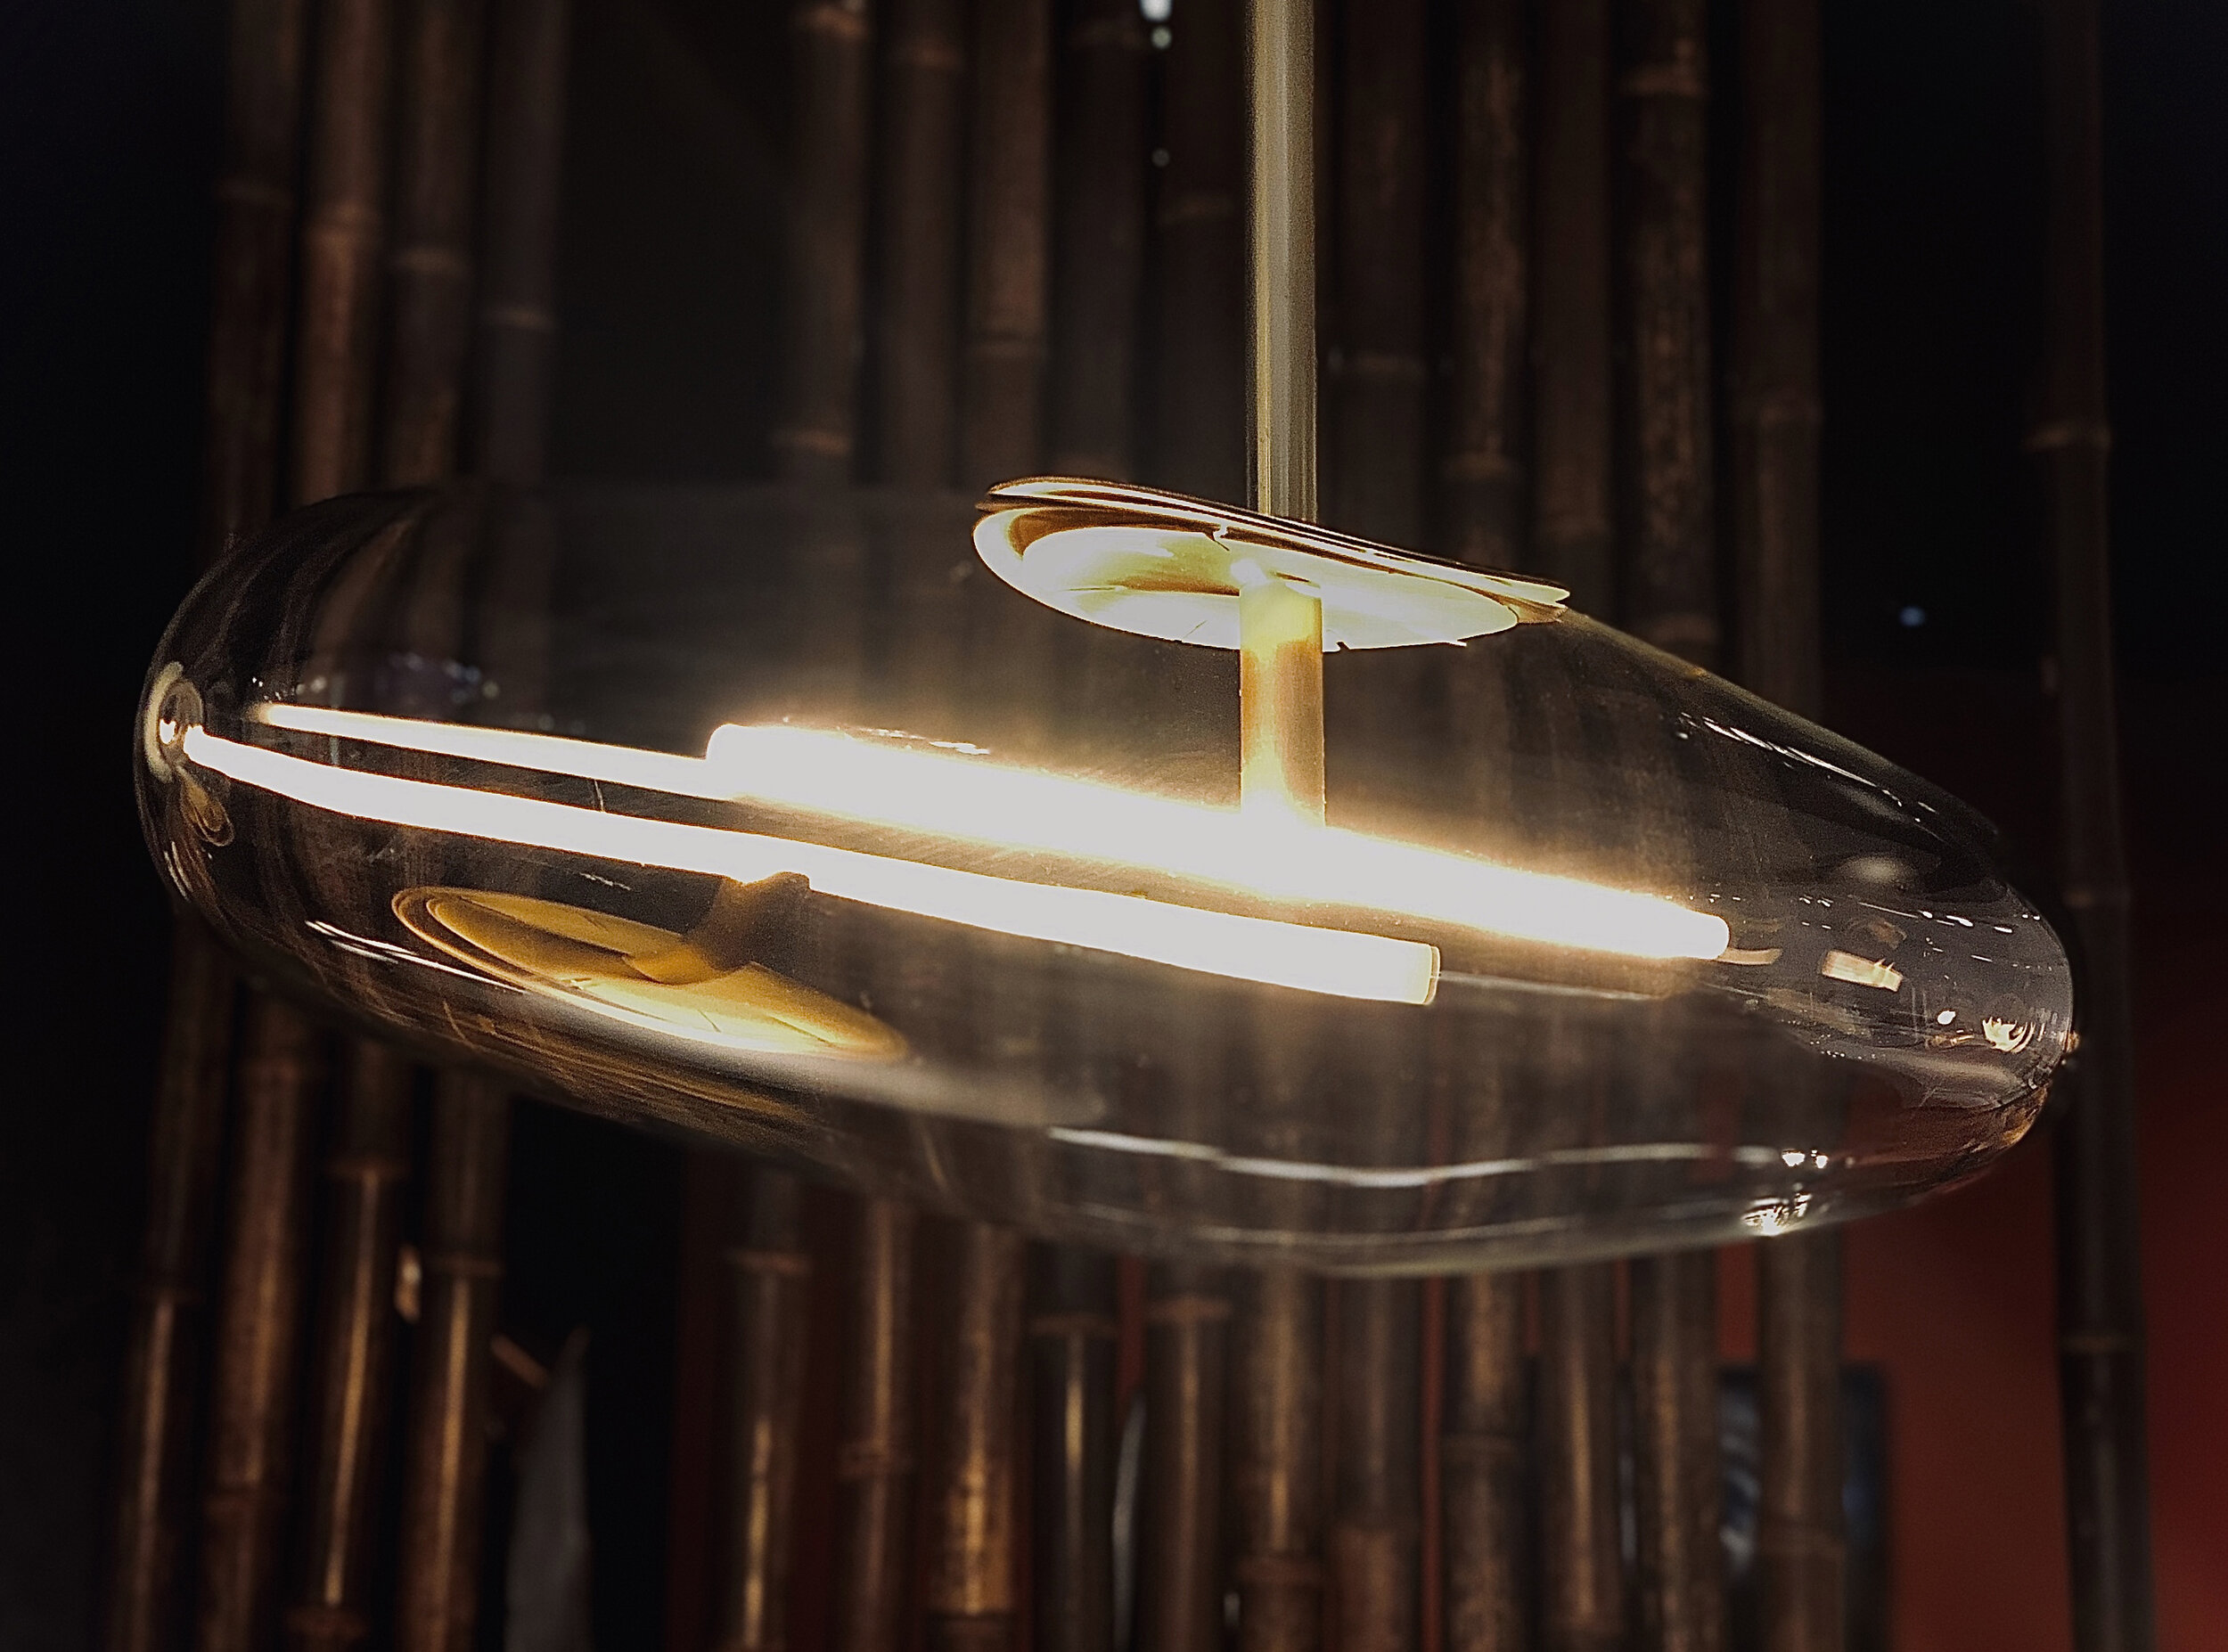 Bulle et tige en verre borosilicate, soufflé bouche. Structure en laiton, finition huile de jade ou hématite. Filament souple LED 2700K. Dimensions 150 x 50 cm x 16 cm.   Pour plus d'informations contacter: SARAH MYERSCOUGH GALLERY:    www.sarahmyerscough.com